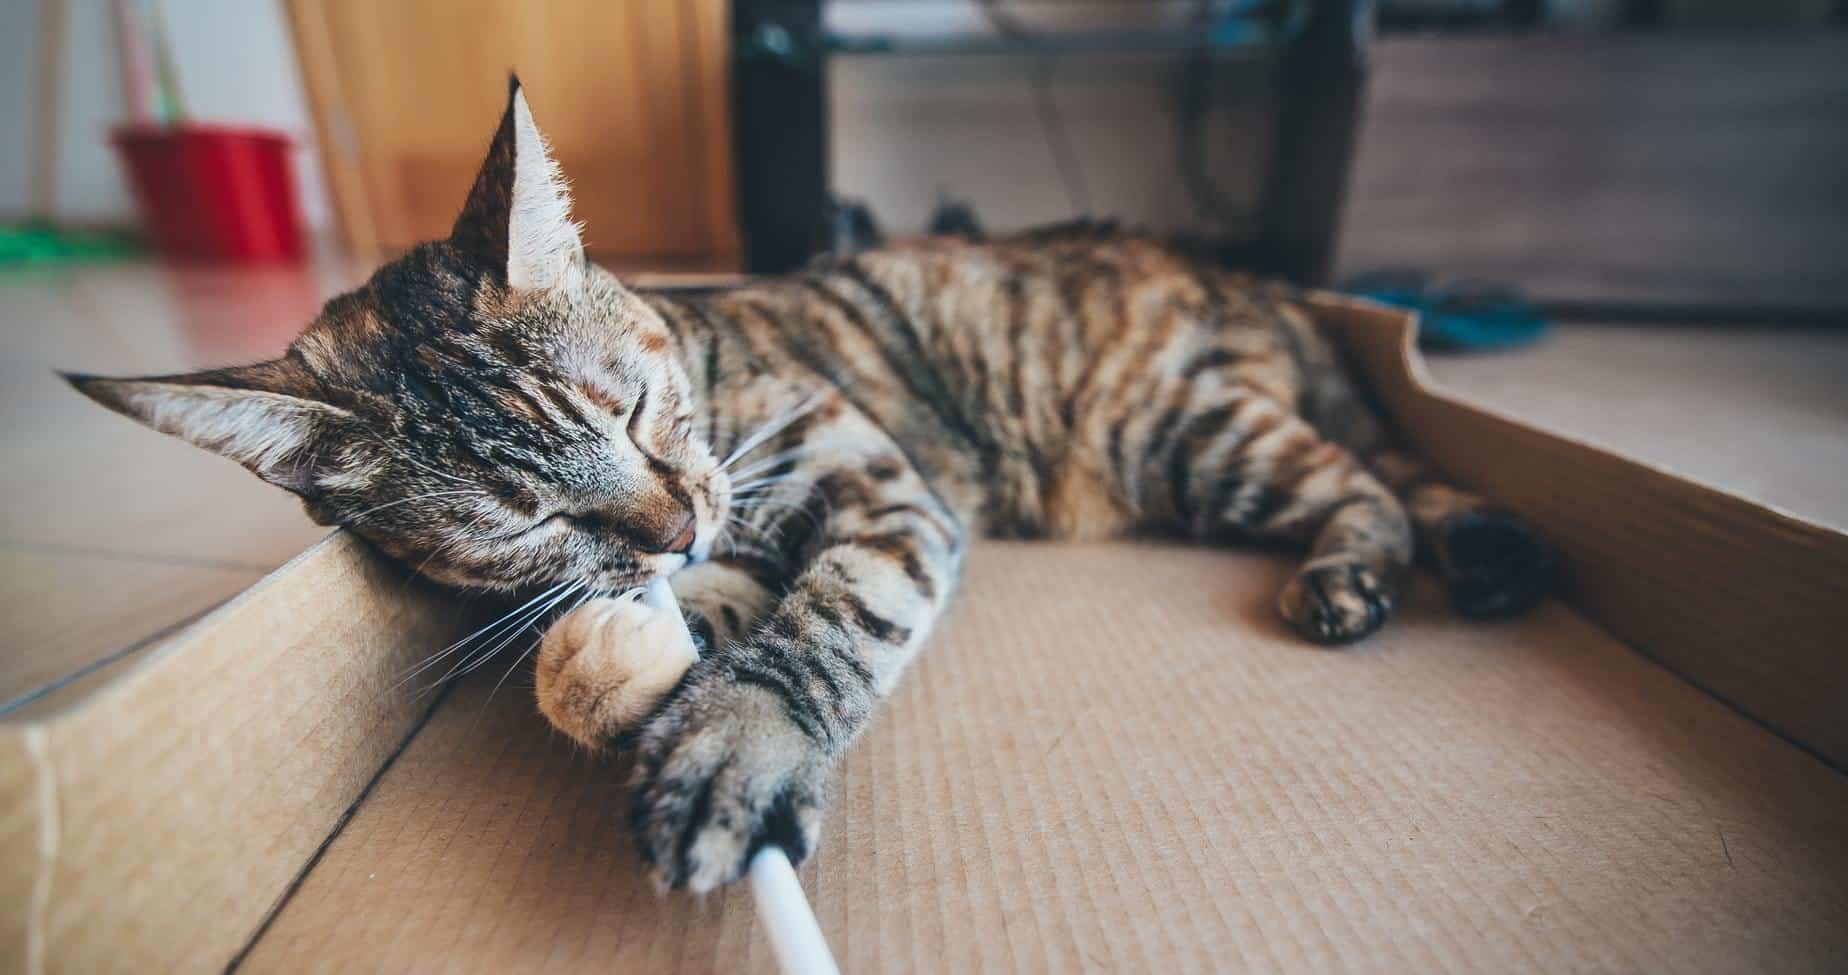 A cat lying on cardboard